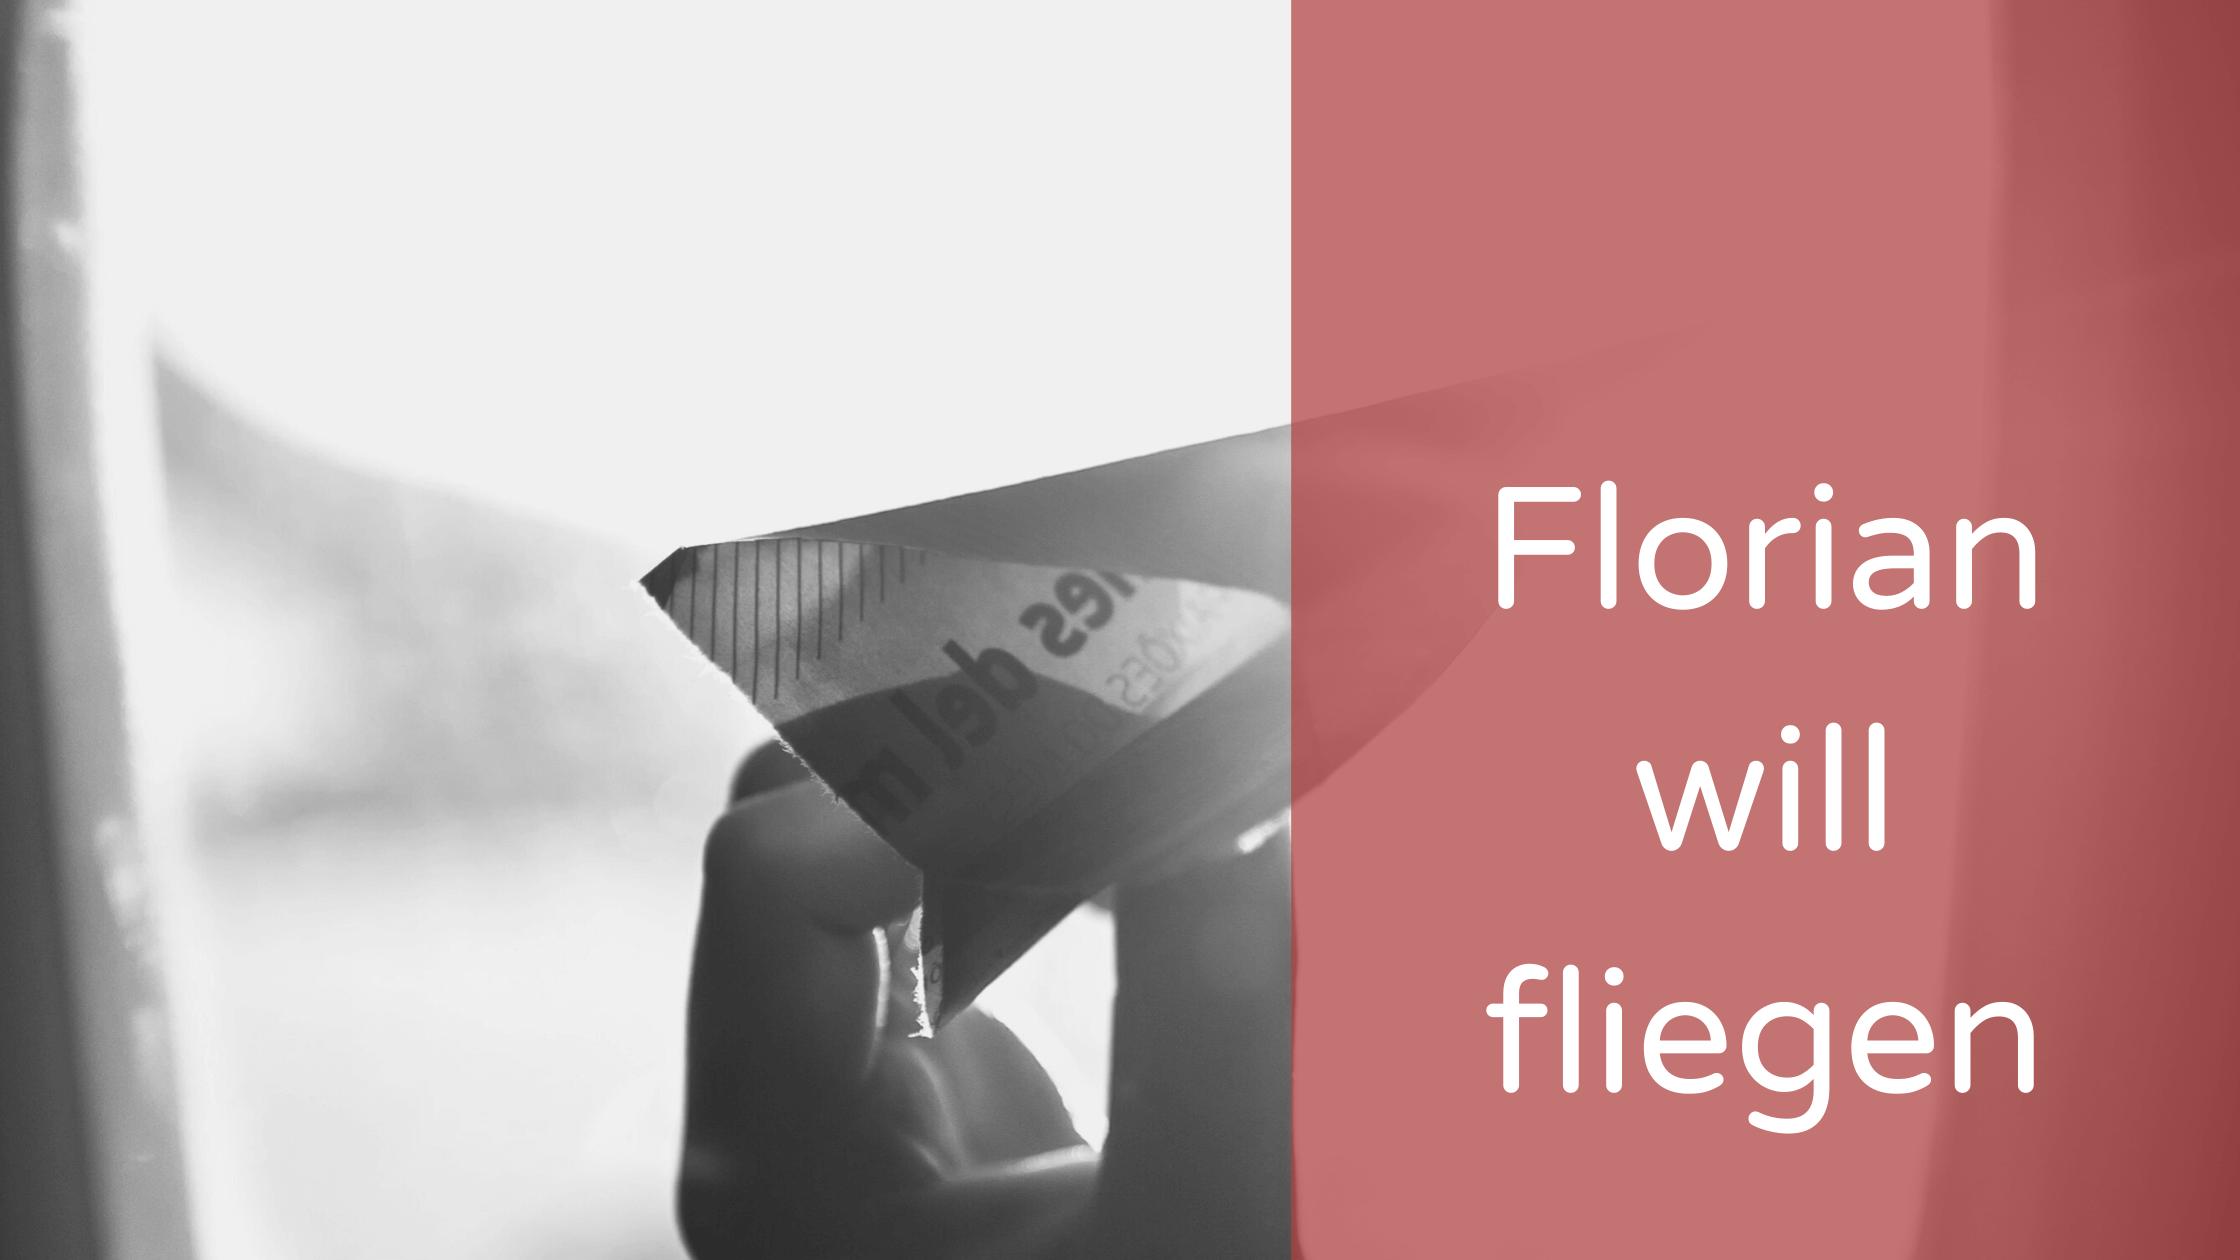 Florian will fliegen